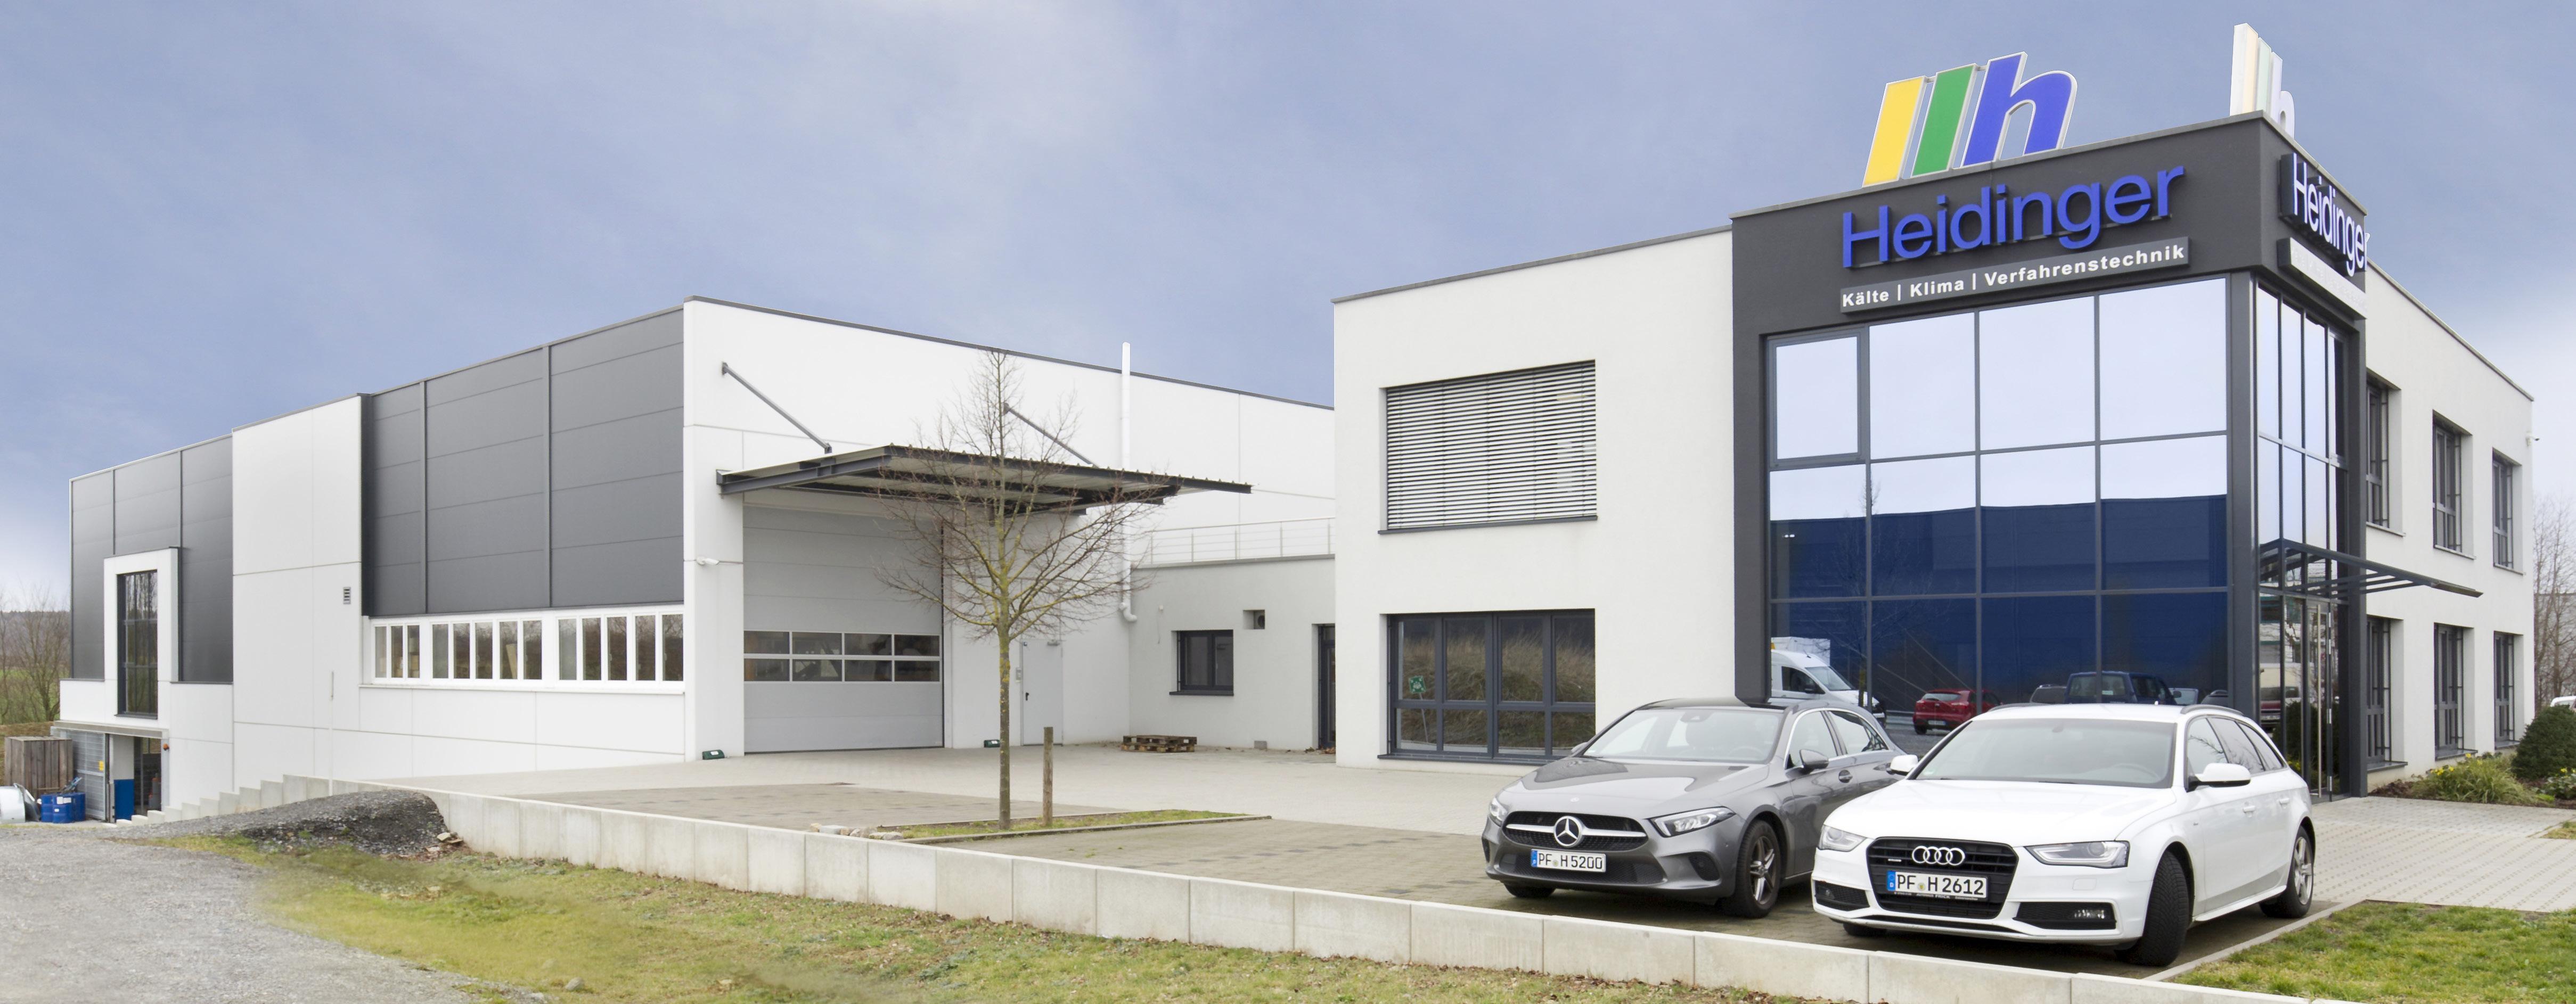 Die Firma Heidinger GmbH & Co. KG hat eine Fertigungs- und Lagerhalle angebaut (links hinten).